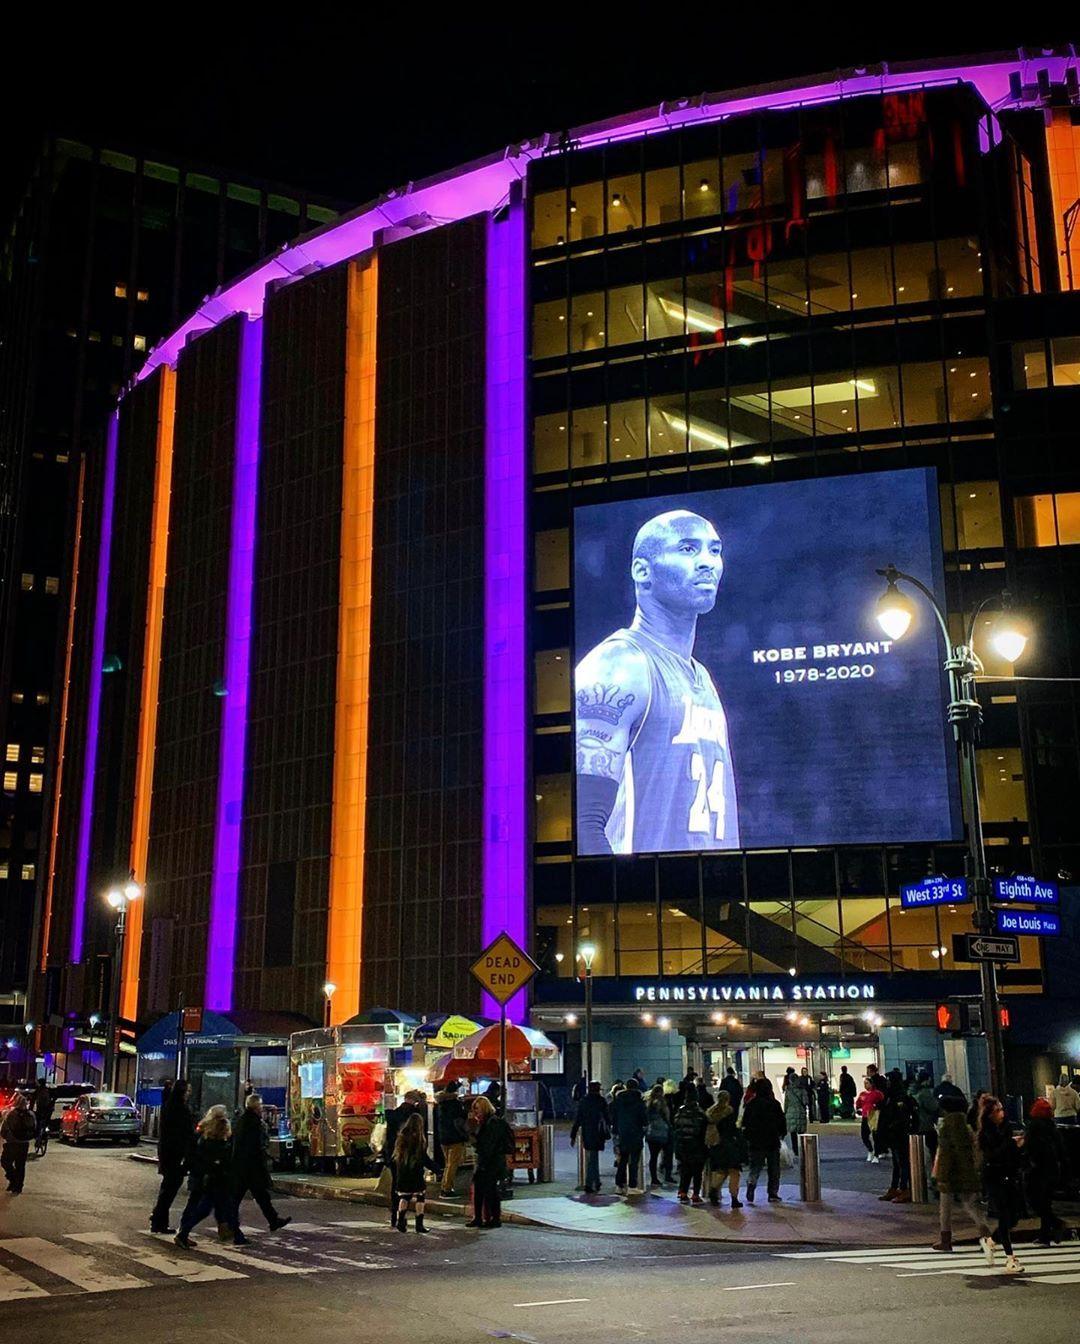 Épinglé par Kevin LafontaineDurand sur NewYork City en 2020